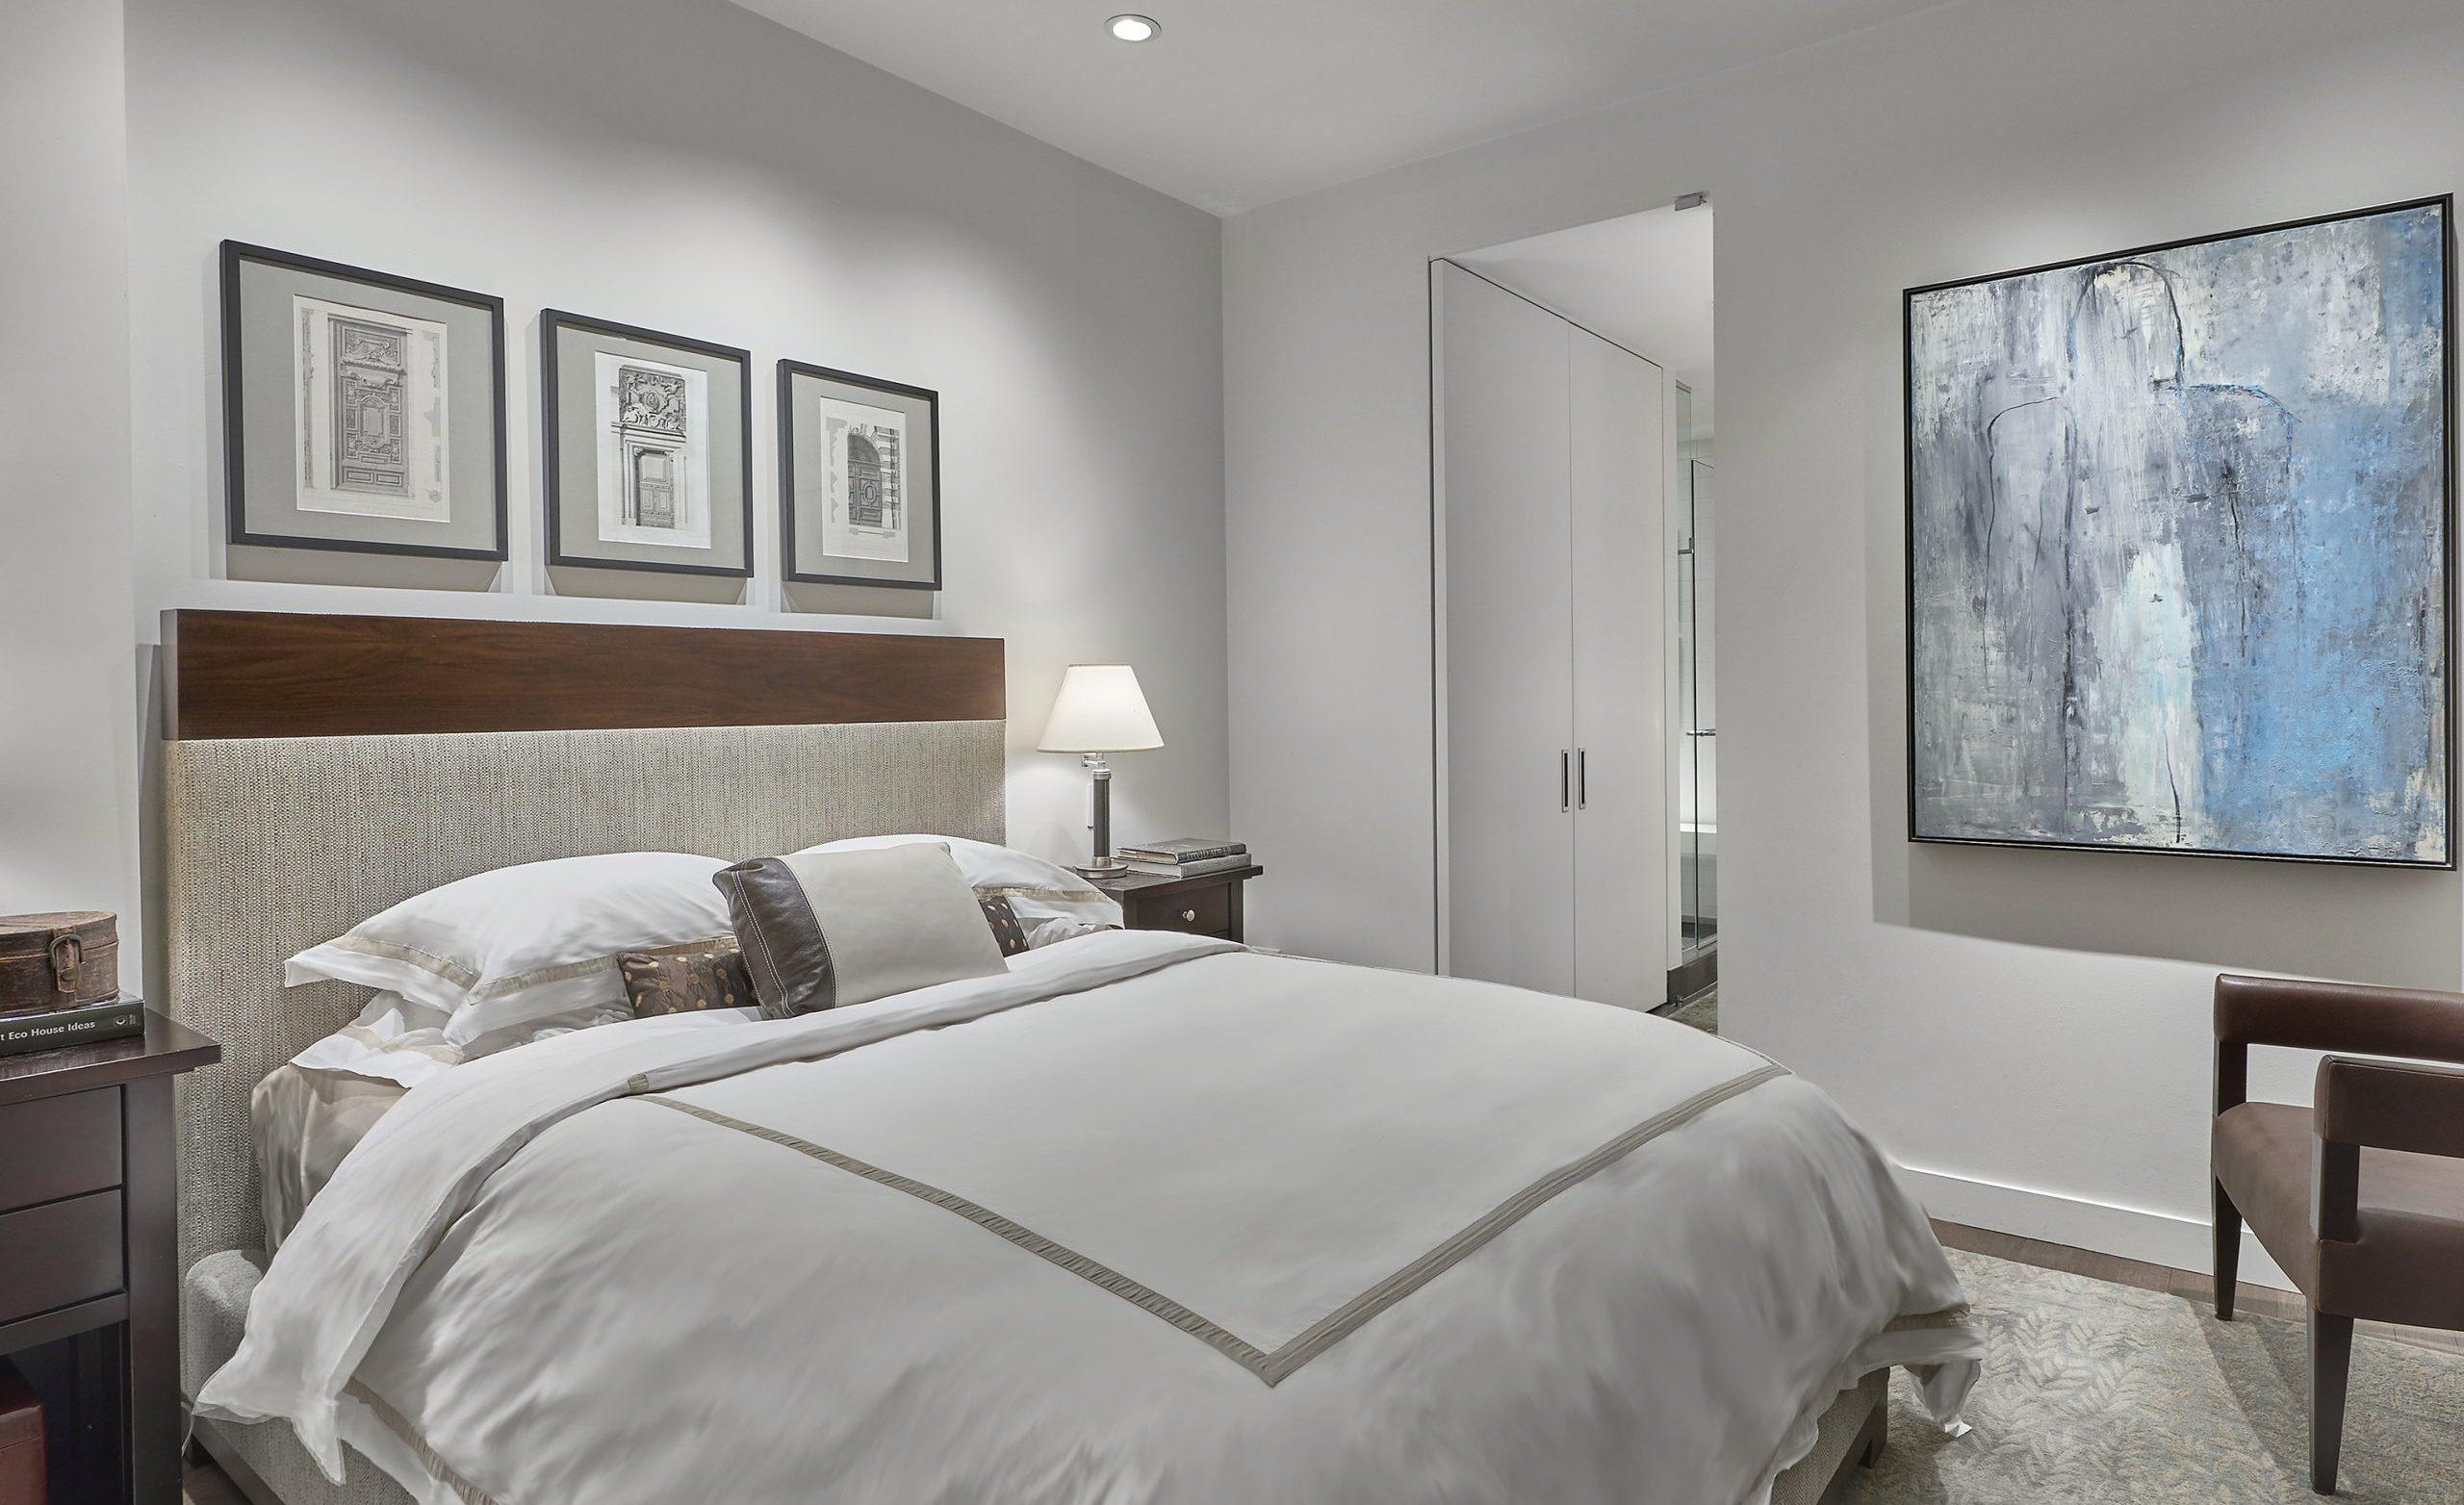 jaffea+i-Blue-Skies-Ahead-master-bedroom